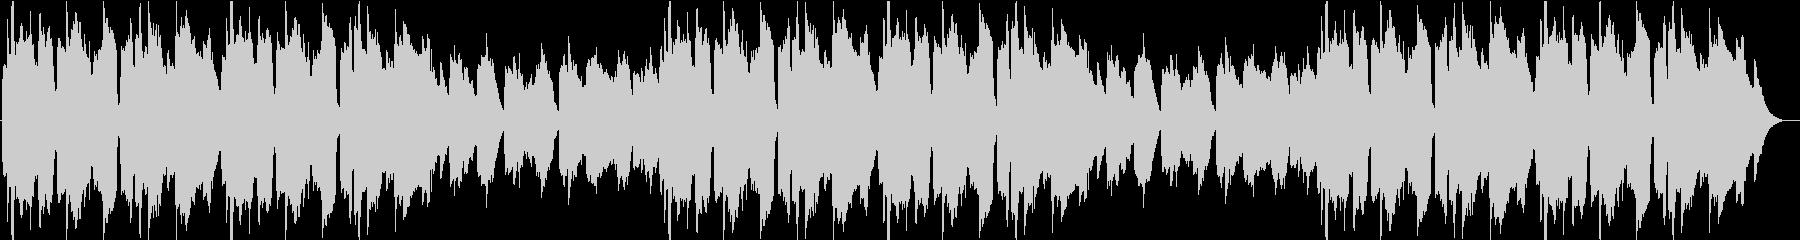 牧歌的なバラードの未再生の波形